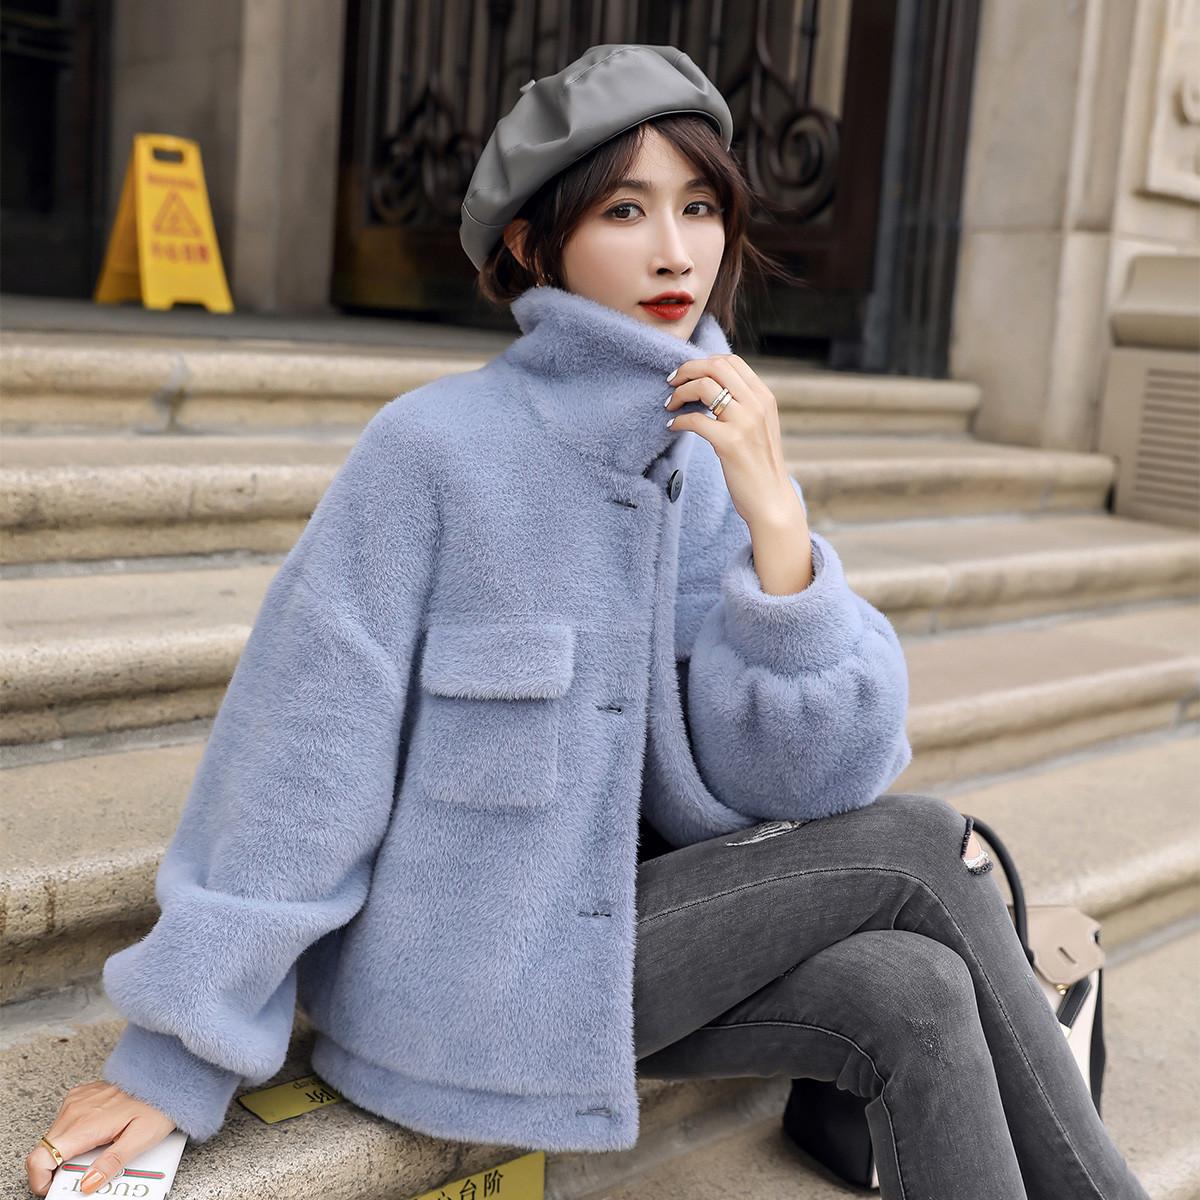 艾夫斯艾夫斯外套女休闲外套女外搭开衫保暖外套气质仿貂绒外套419410204609